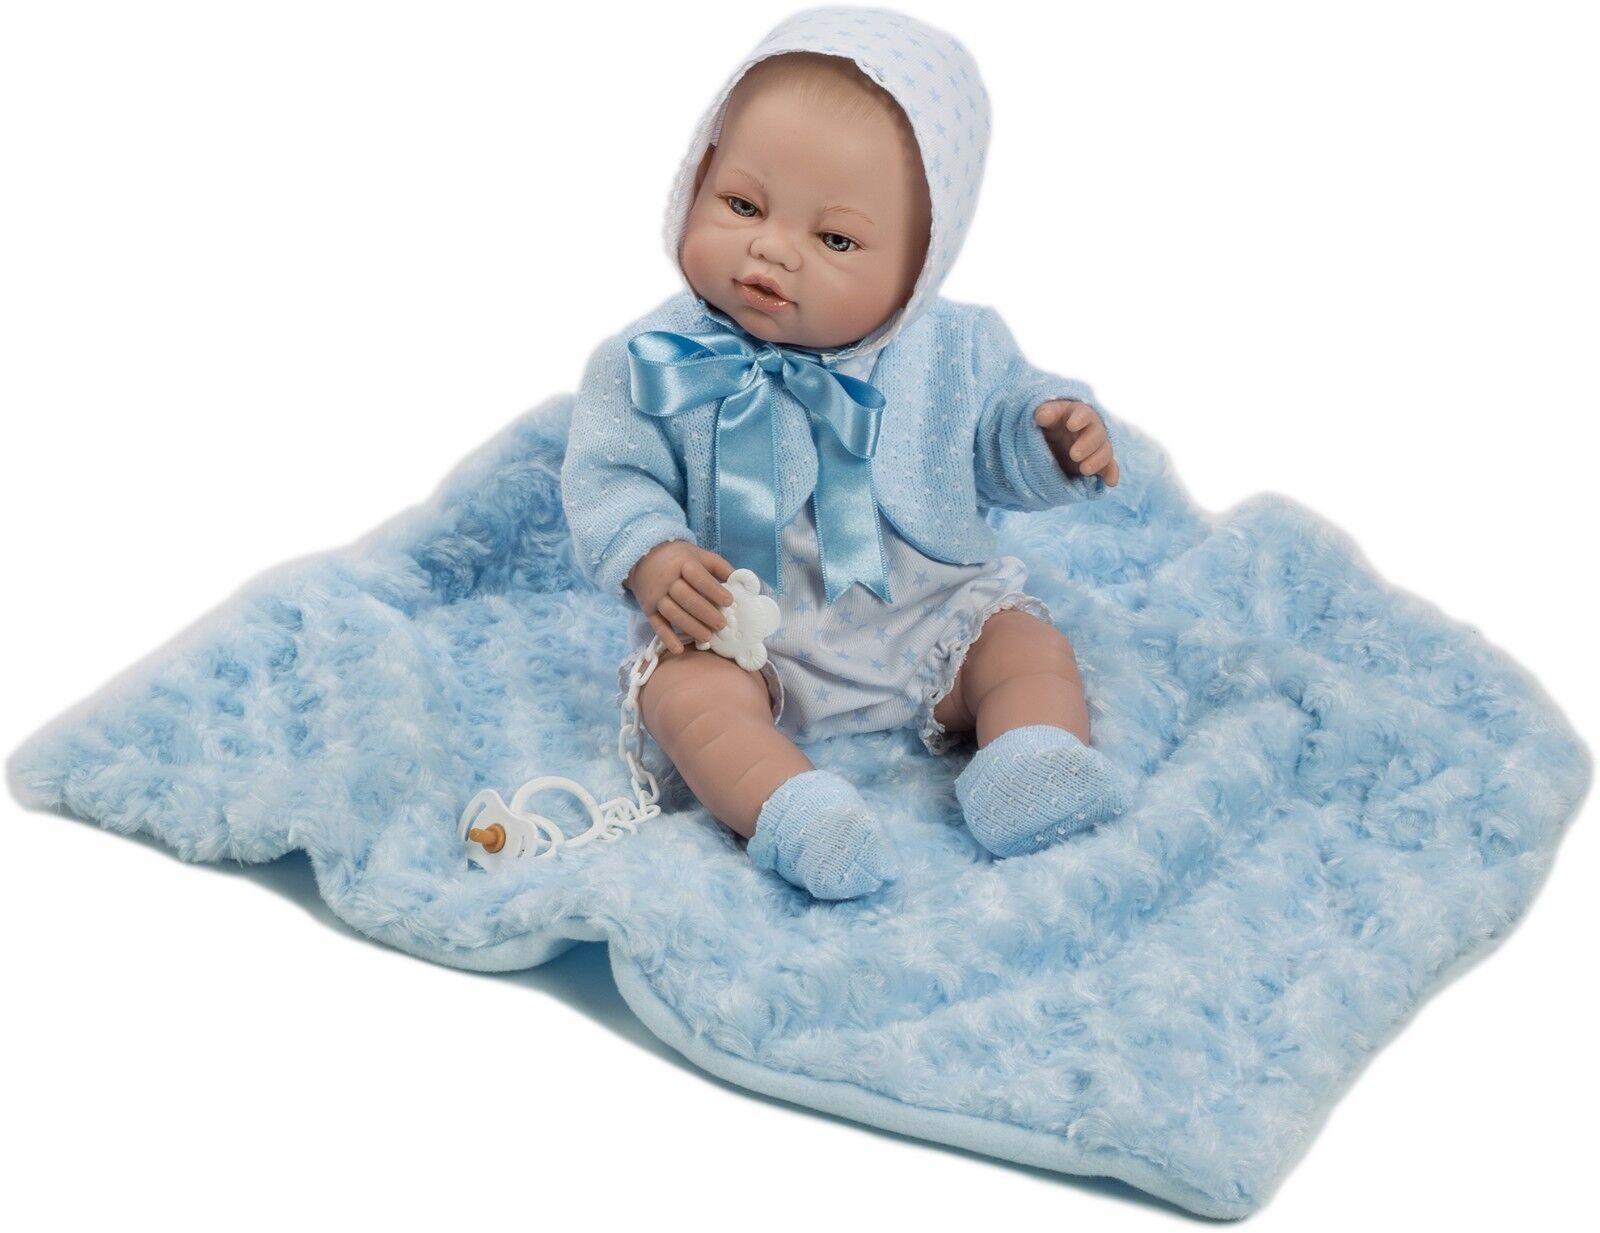 Berbesa -Muñeco nacido bebe recién nacido -Muñeco vestido mantita azul 42 cm vinilo Caja (5114) 2a6a4c